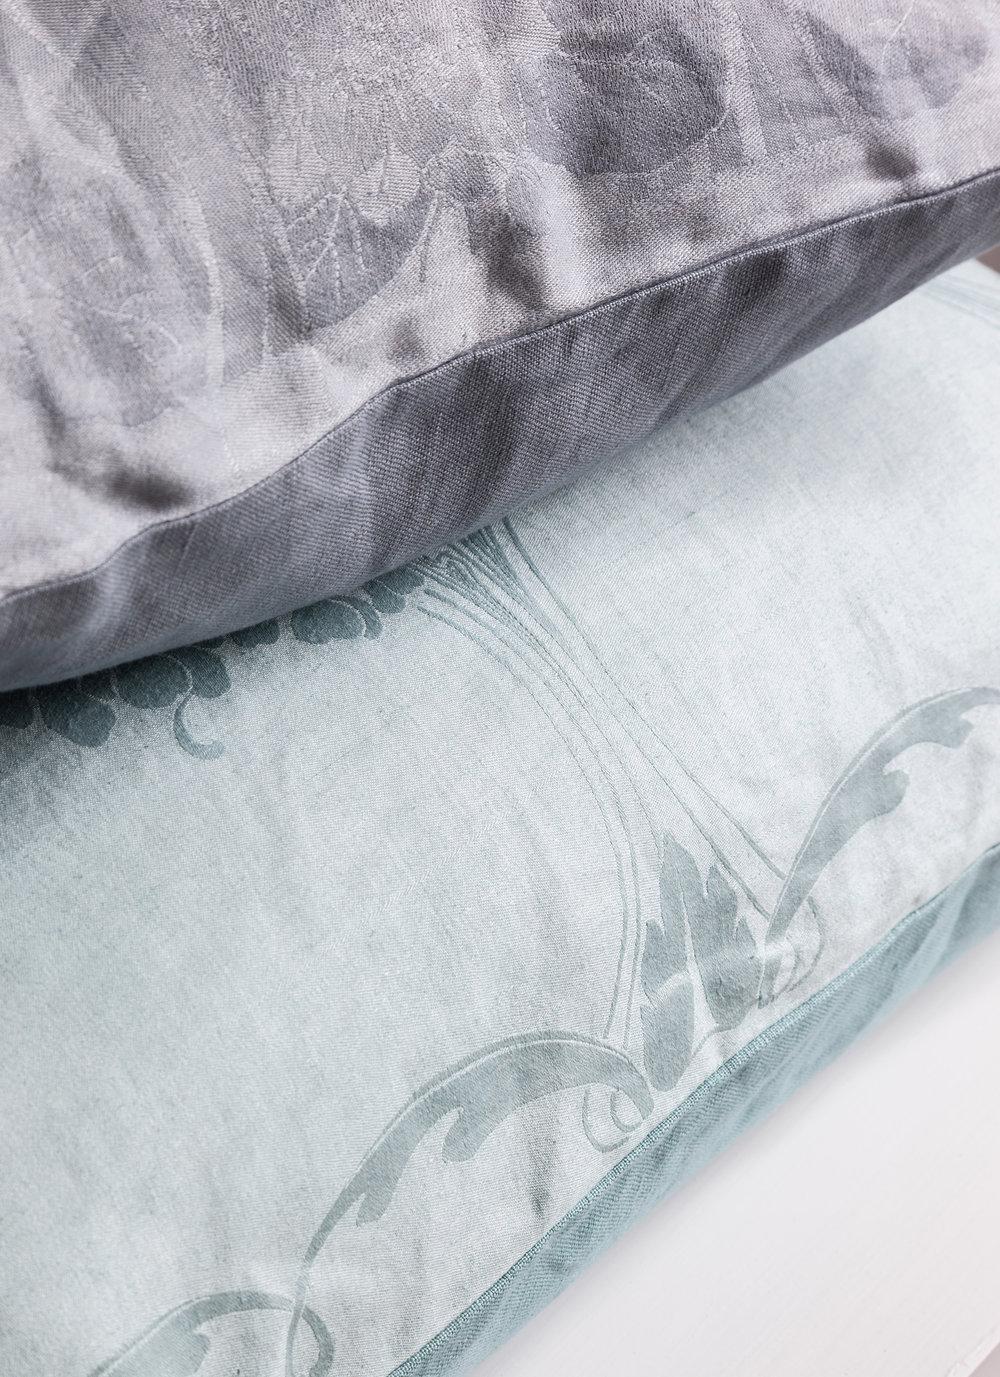 Cosmos Textiles